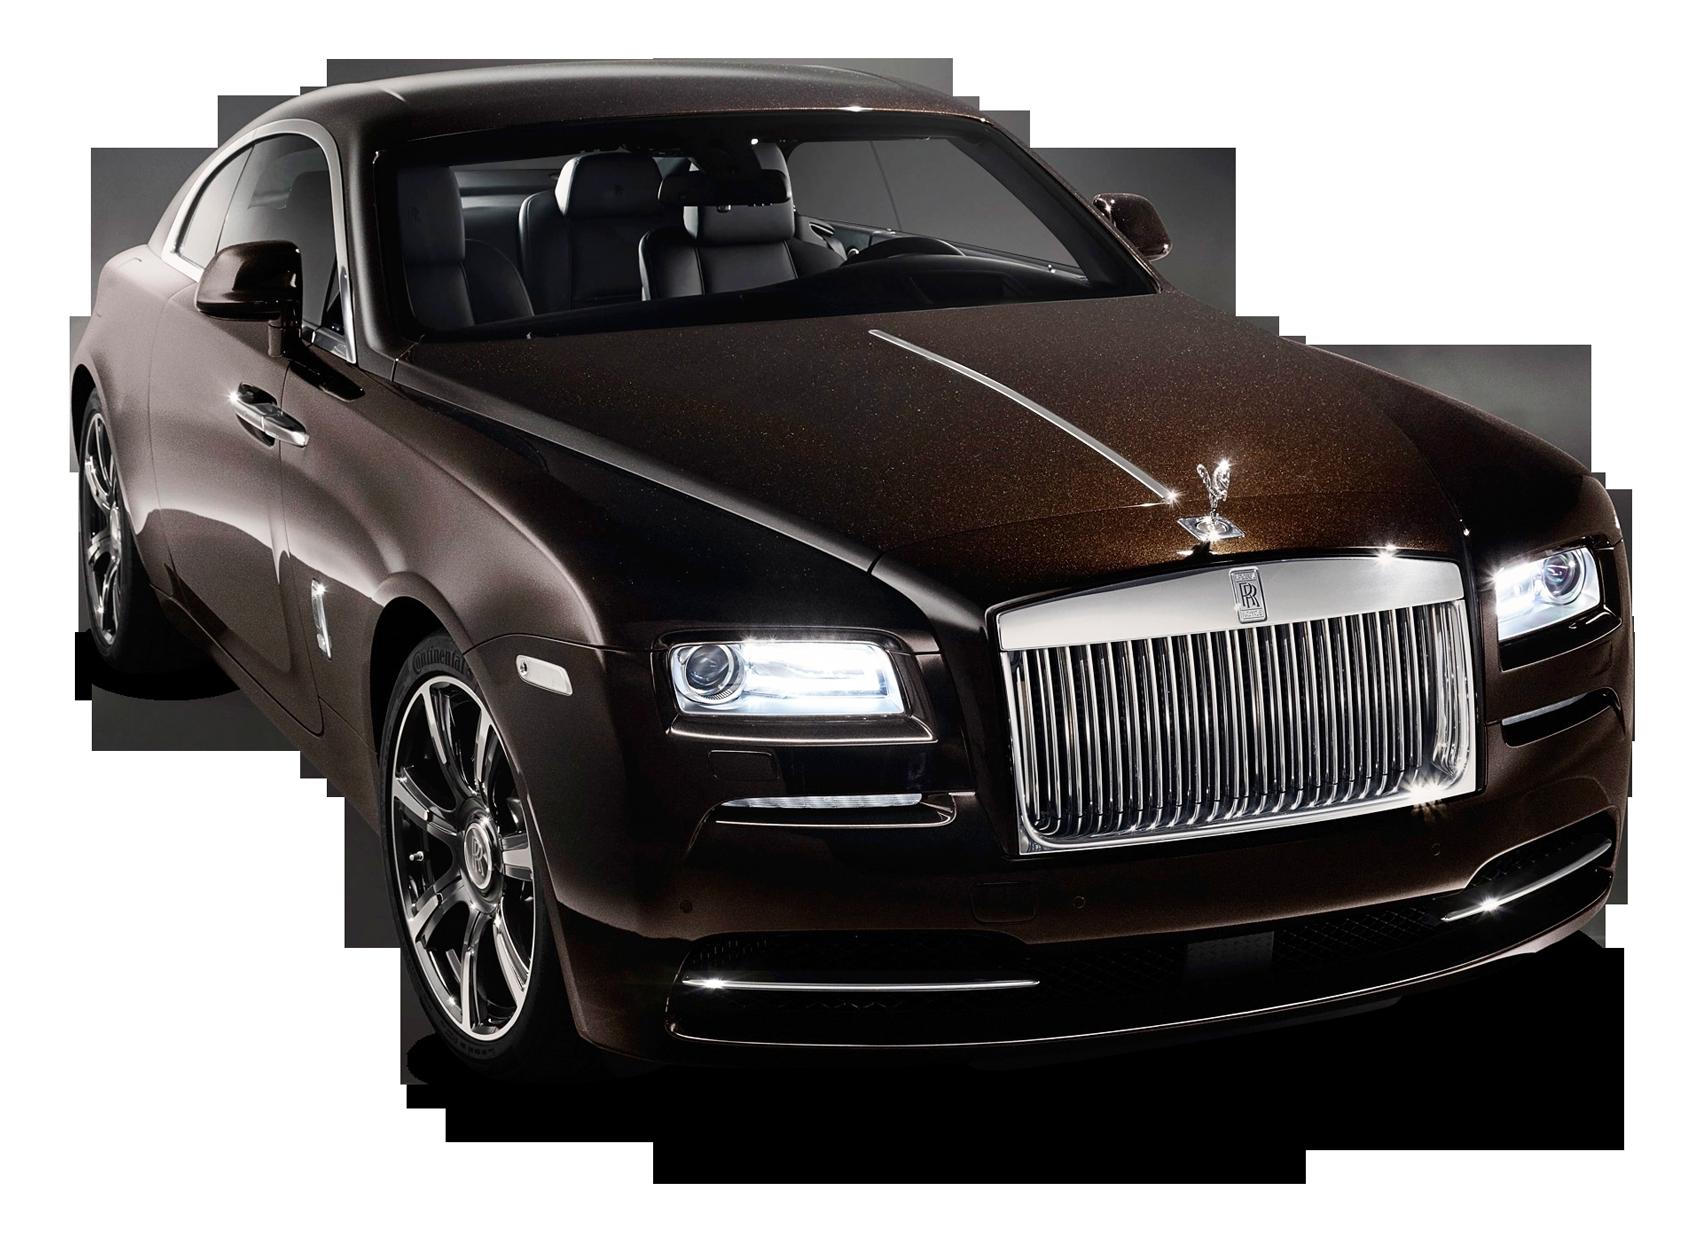 Black Rolls Royce Wraith Car Wraith Car Rolls Royce Wraith Rolls Royce